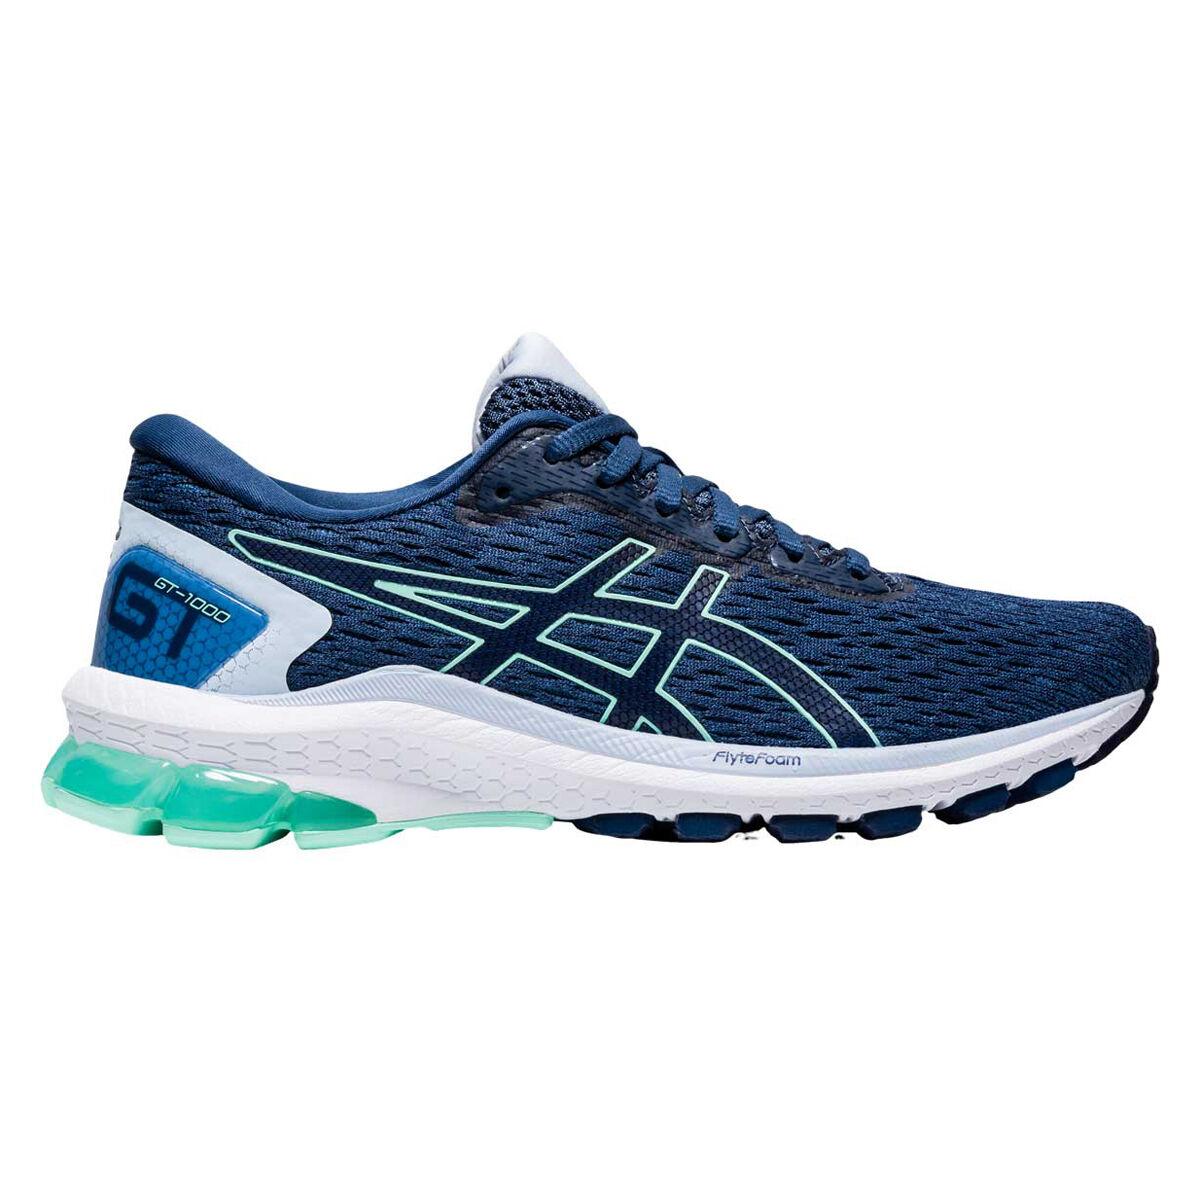 Asics GT 1000 9 Womens Running Shoes